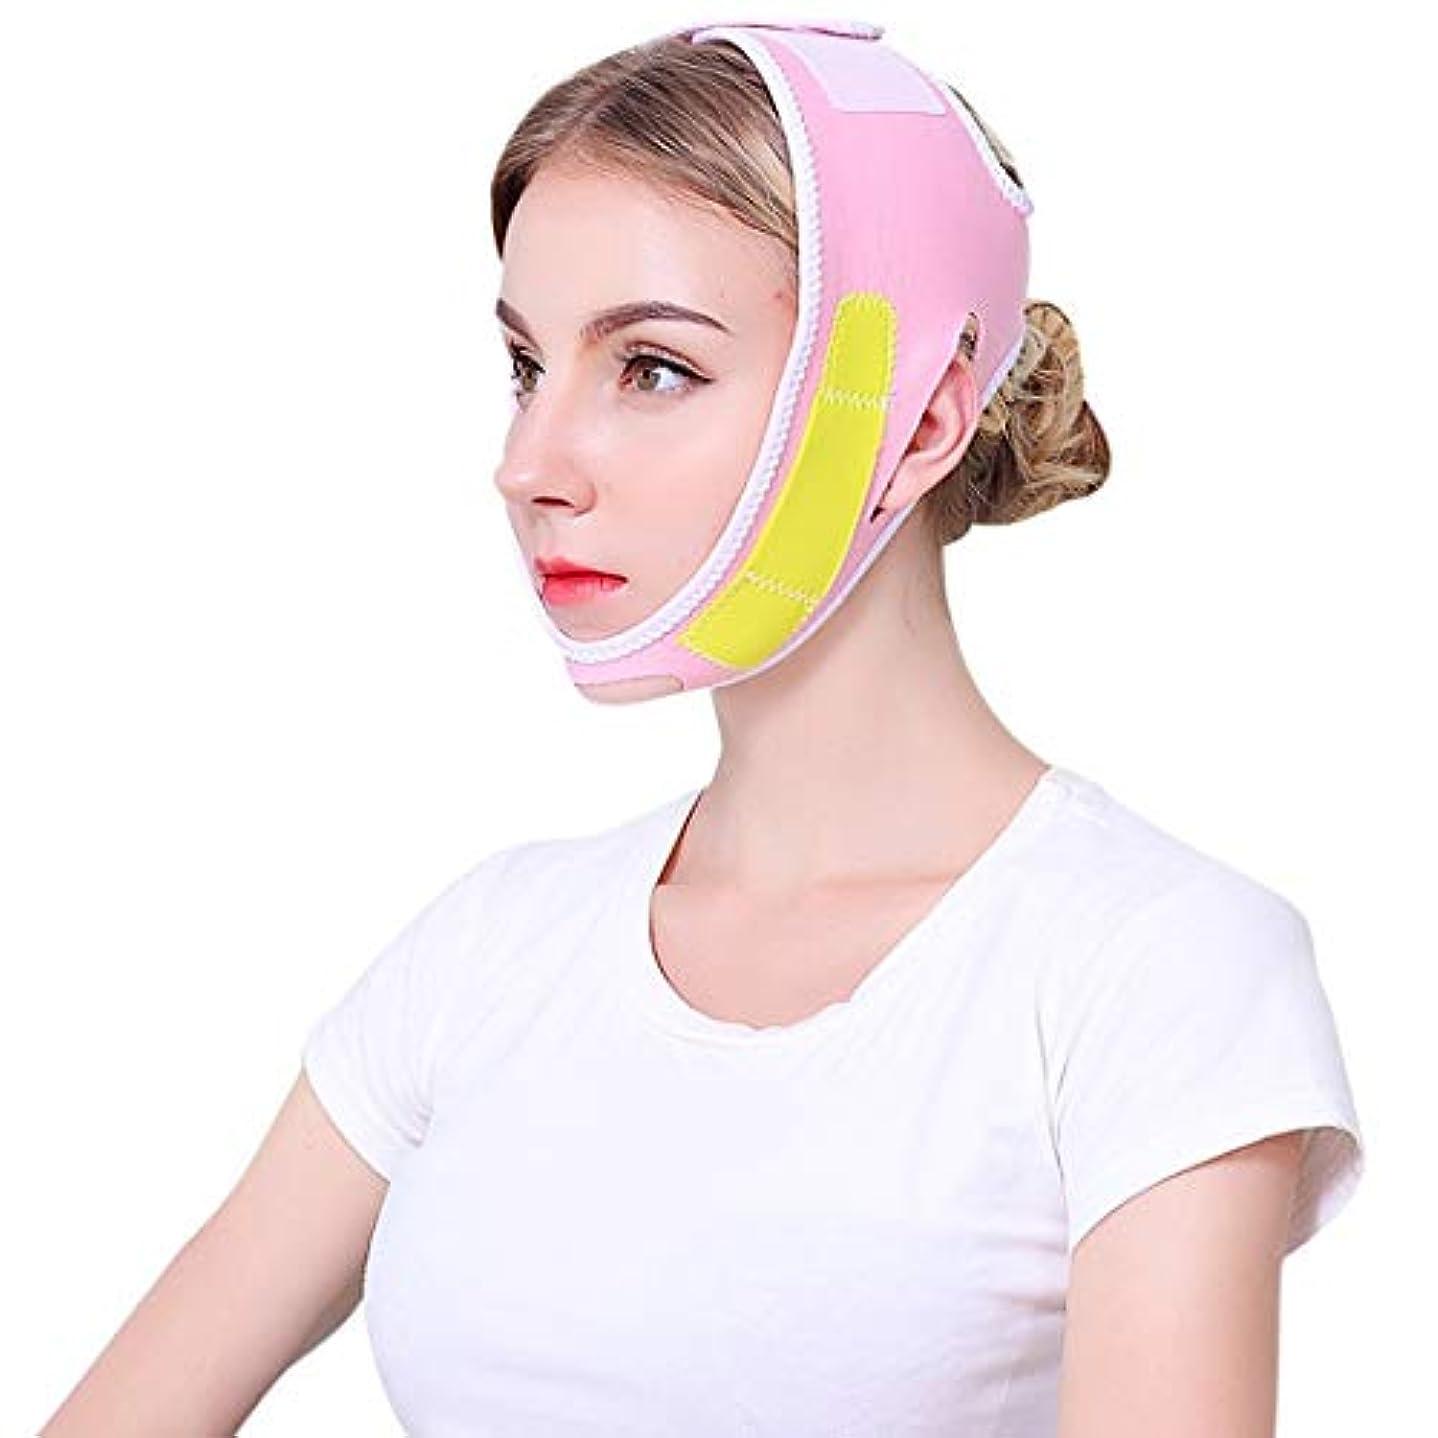 パフ針気になるZWBD フェイスマスク, 薄い顔の包帯睡眠小さいv顔アーティファクトプル型二重あご線術後矯正薄い顔ステッカー